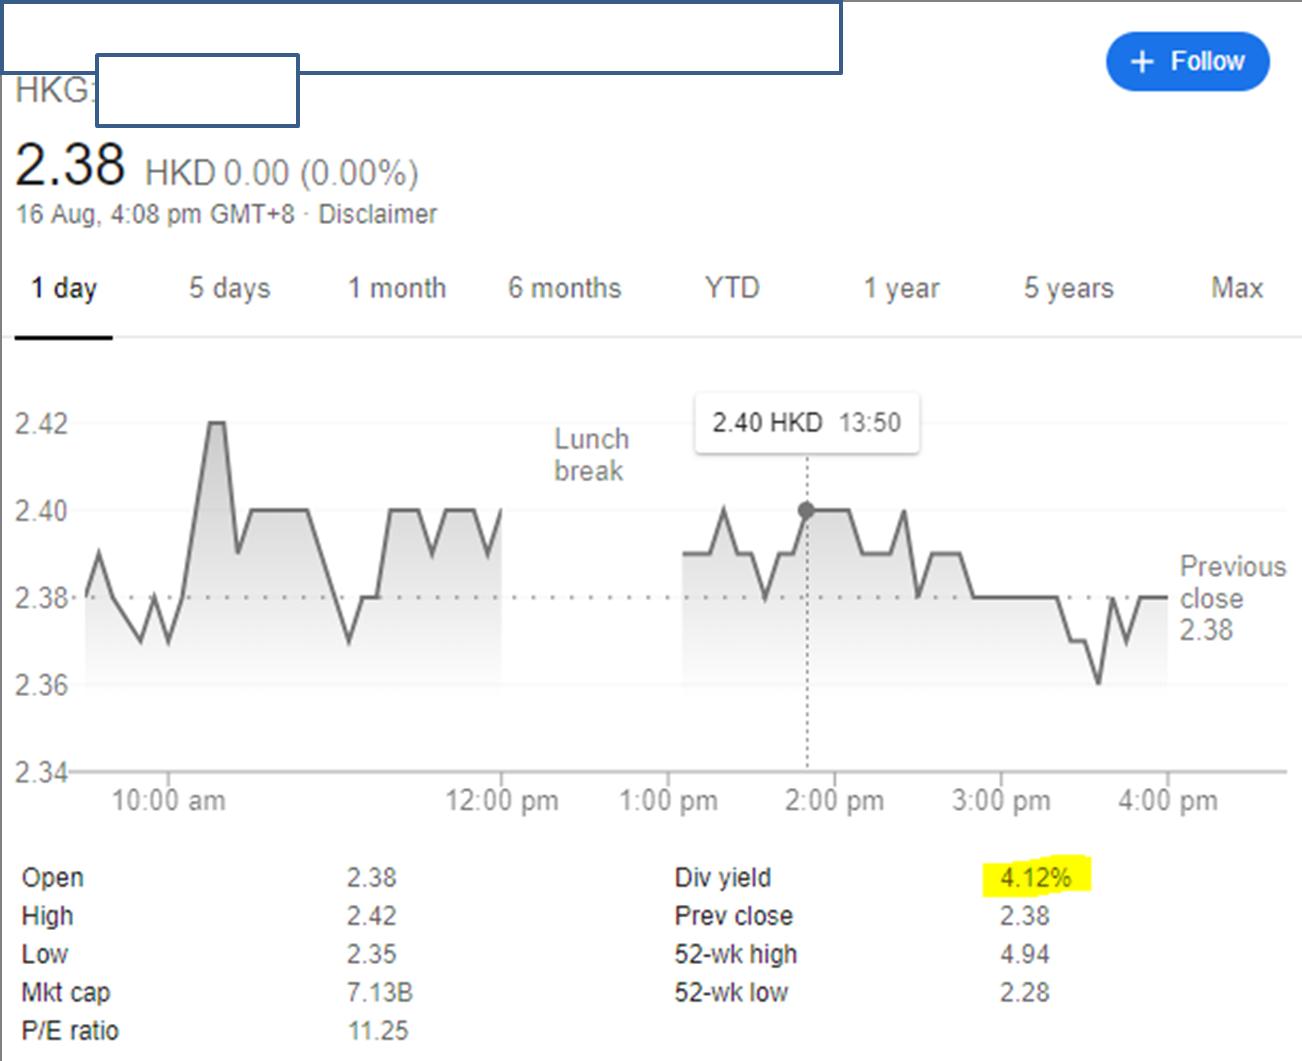 Dividend Stocks Hong Kong